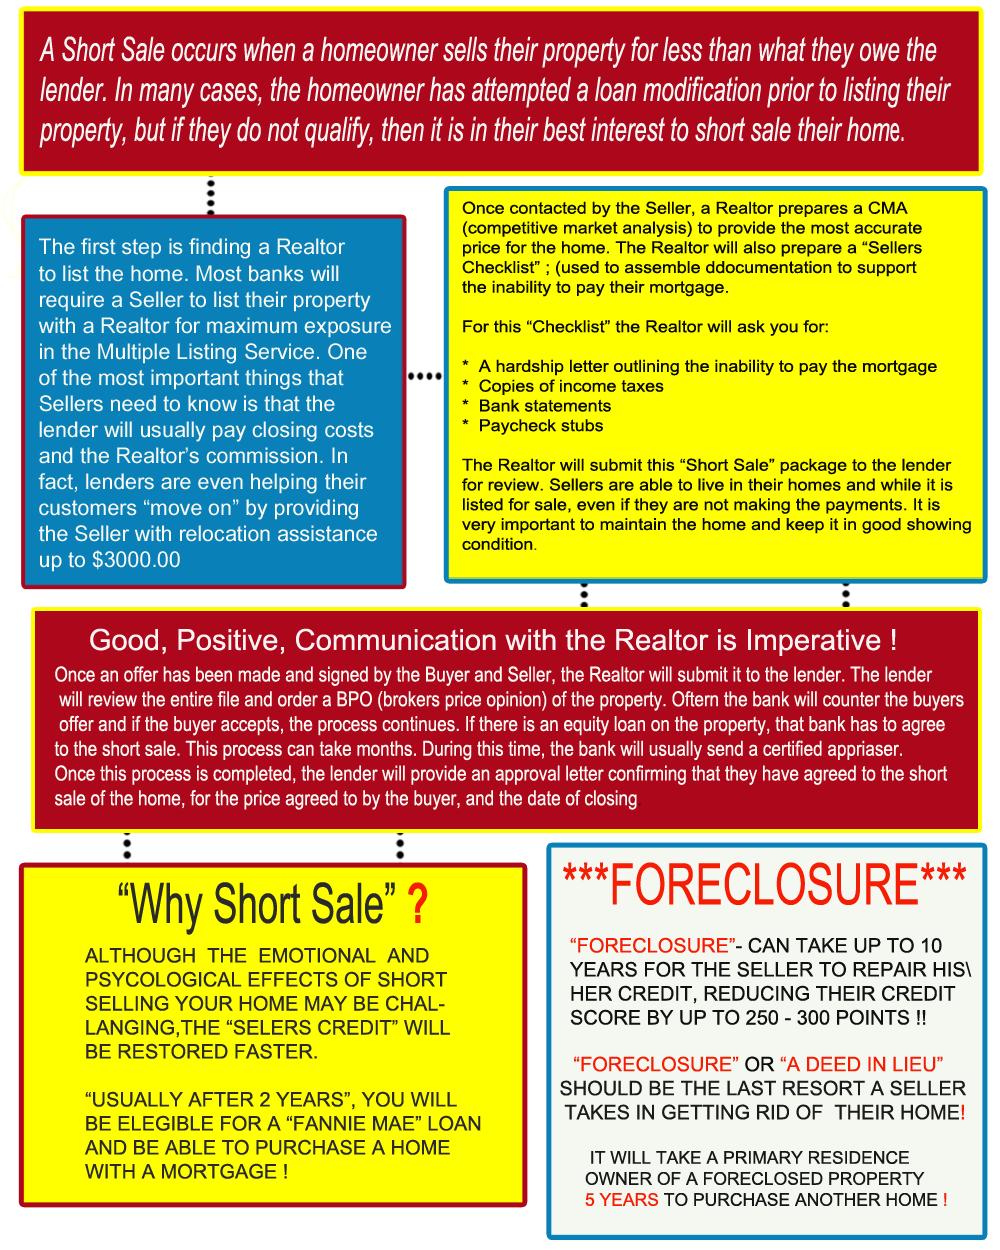 Short Sales Explained